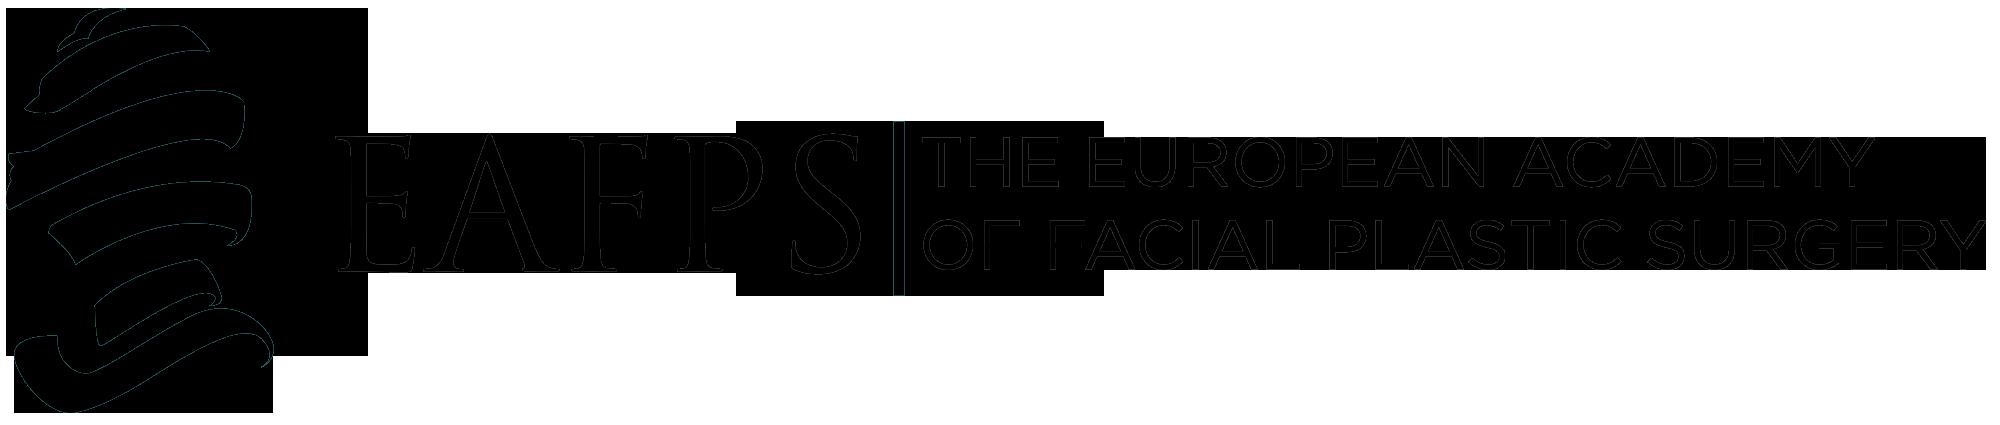 [BLACK]EAFPS-Logo